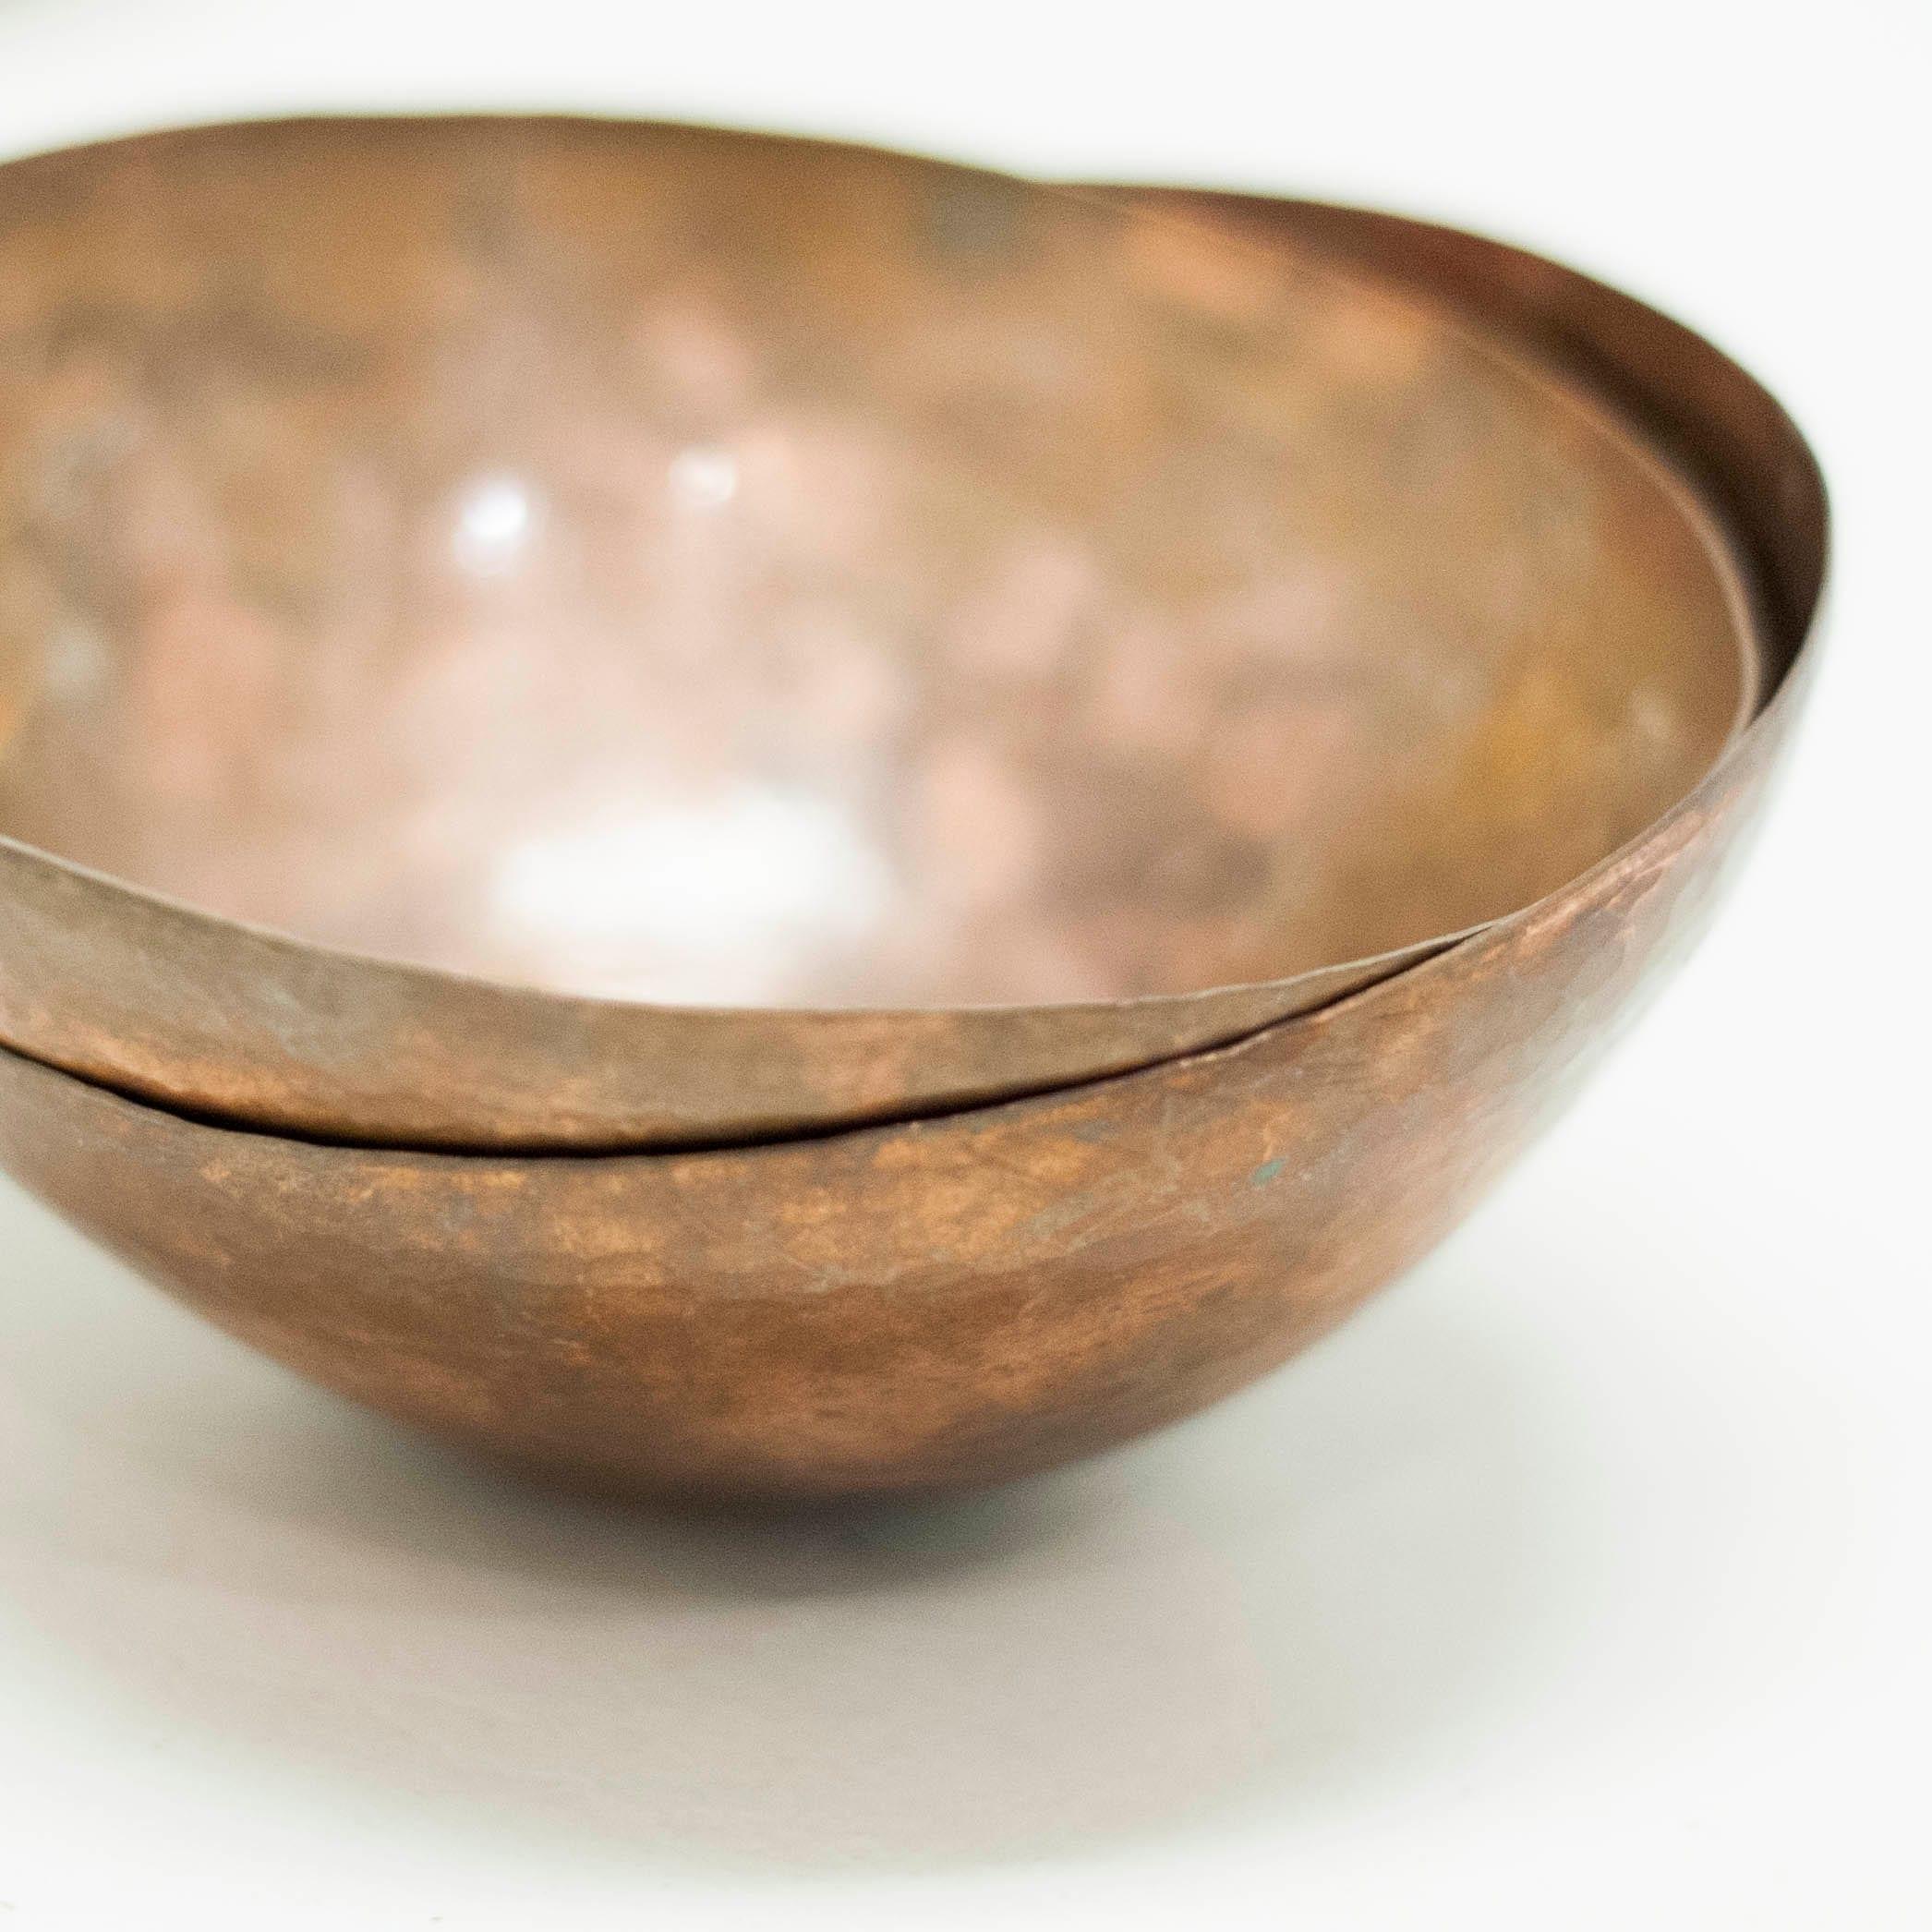 Brimley Bowls